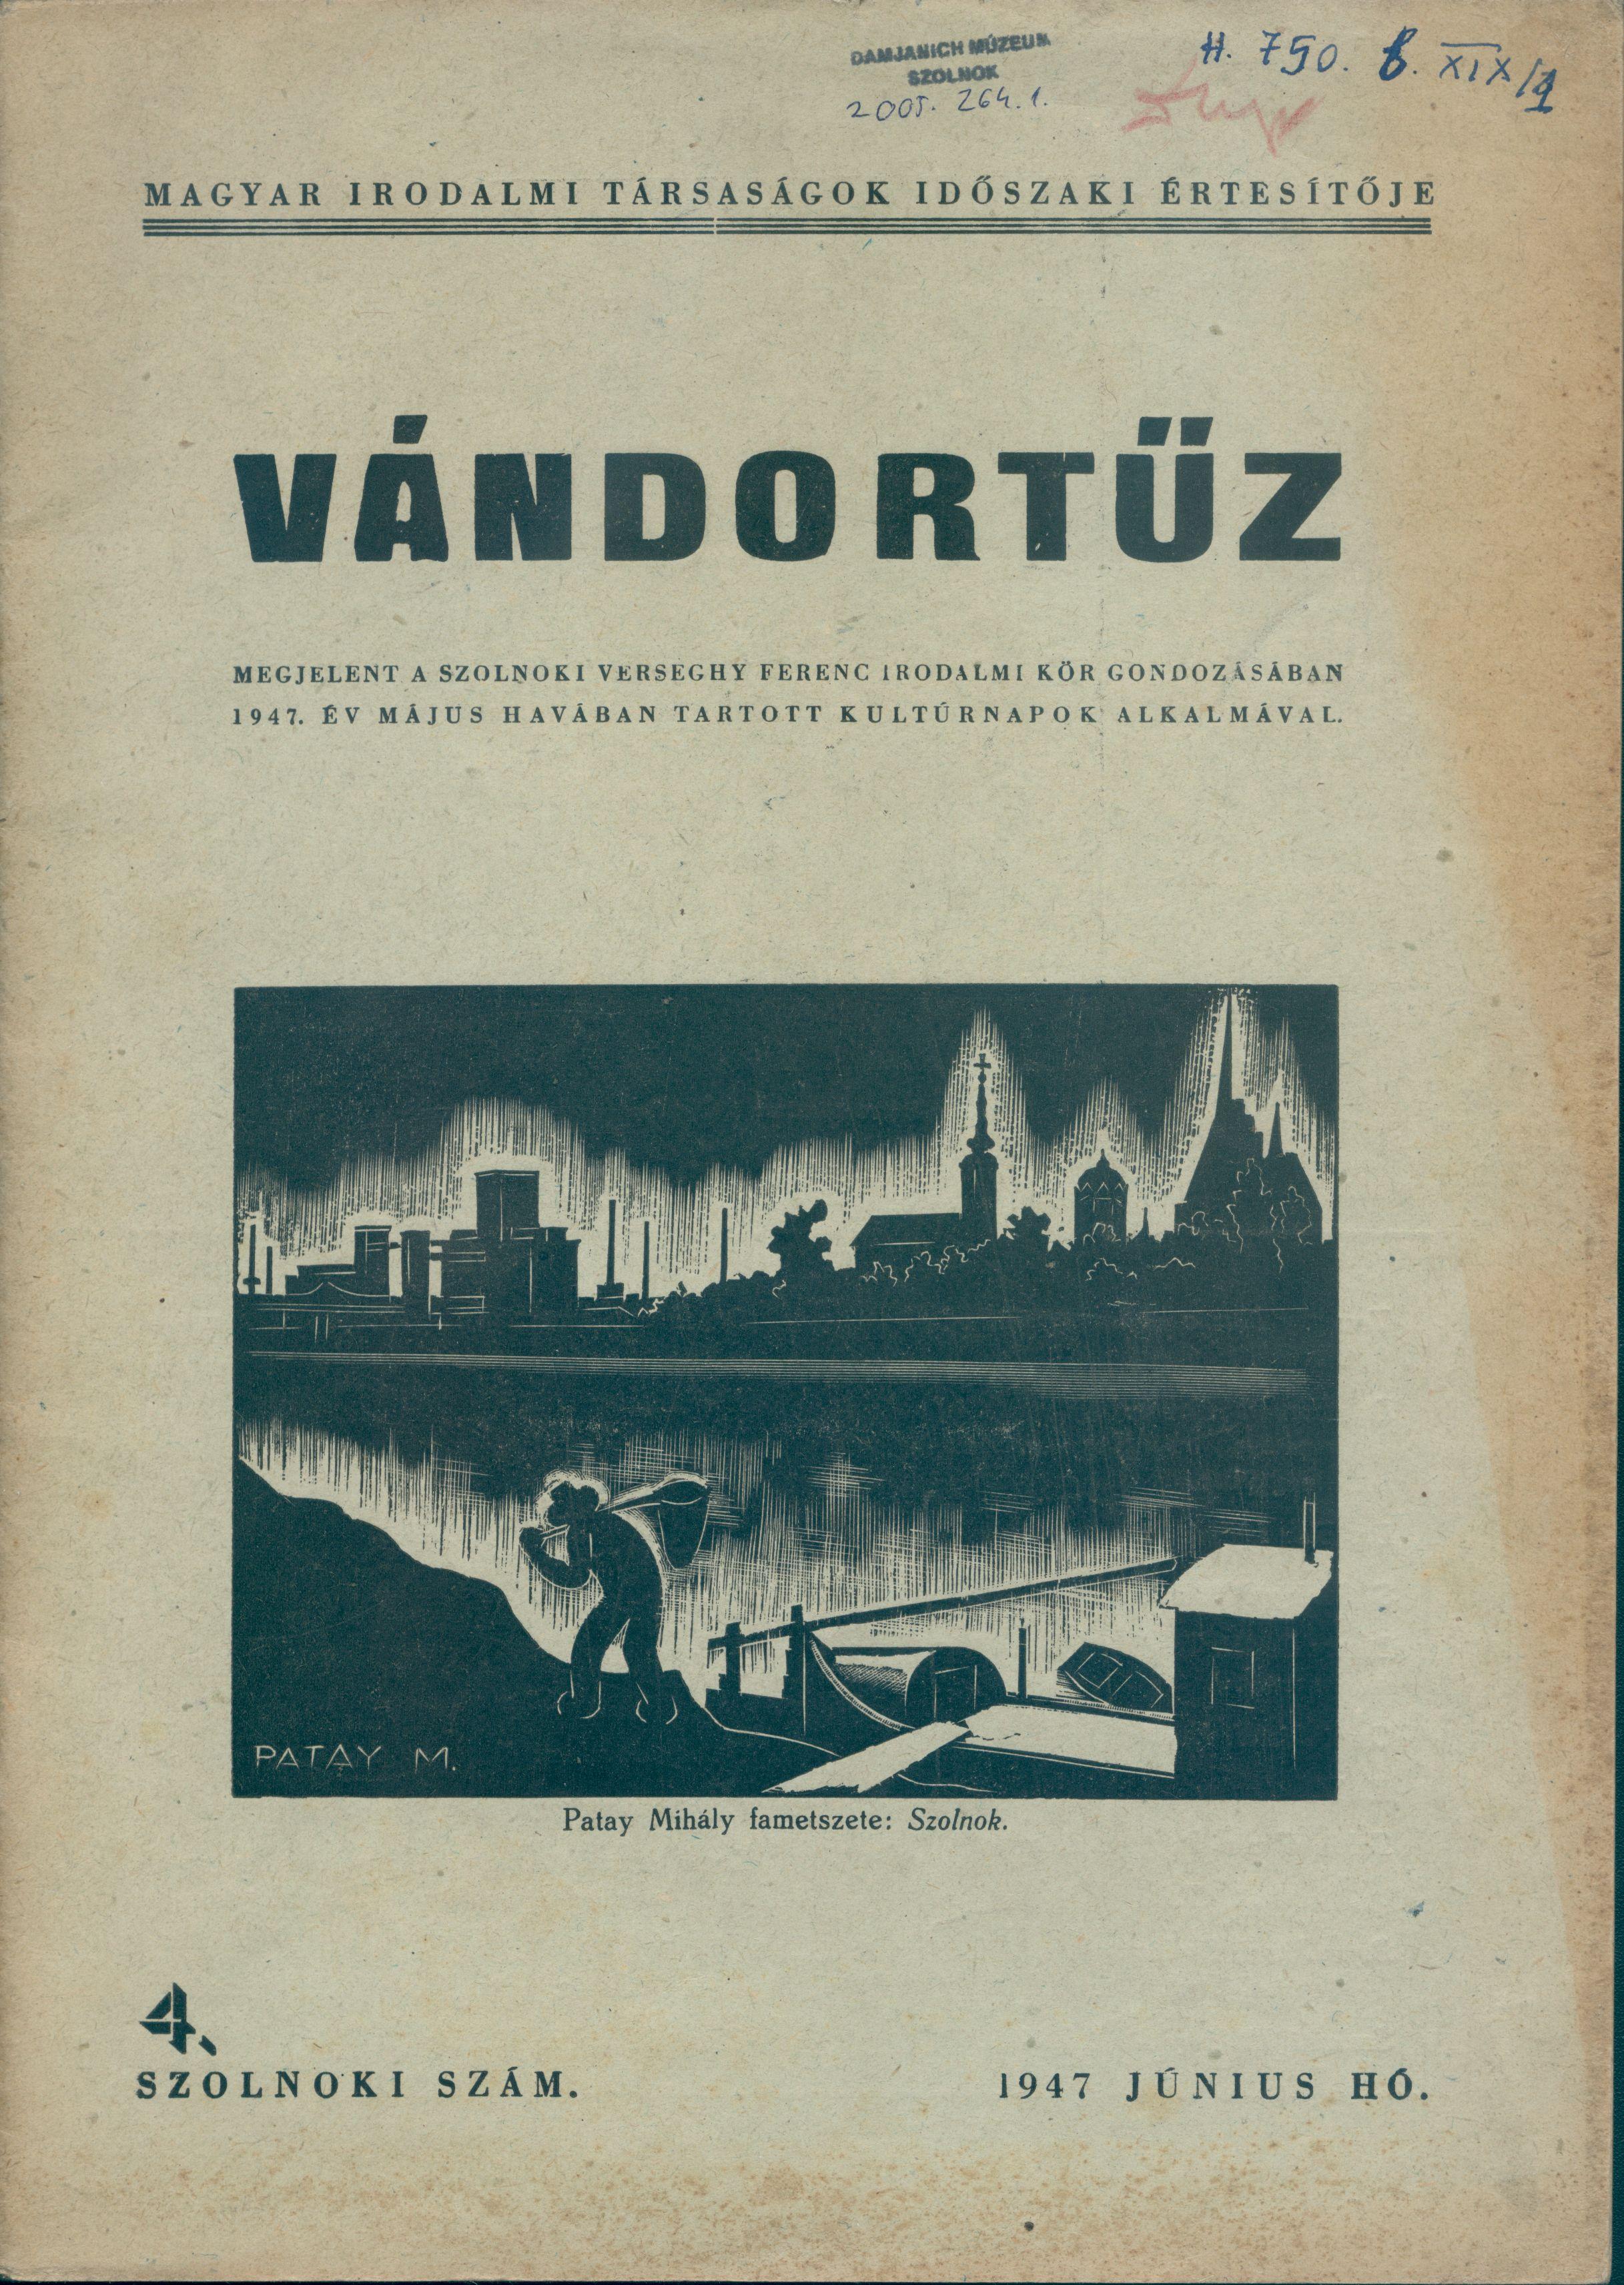 vandortuz 1947 cimlapja